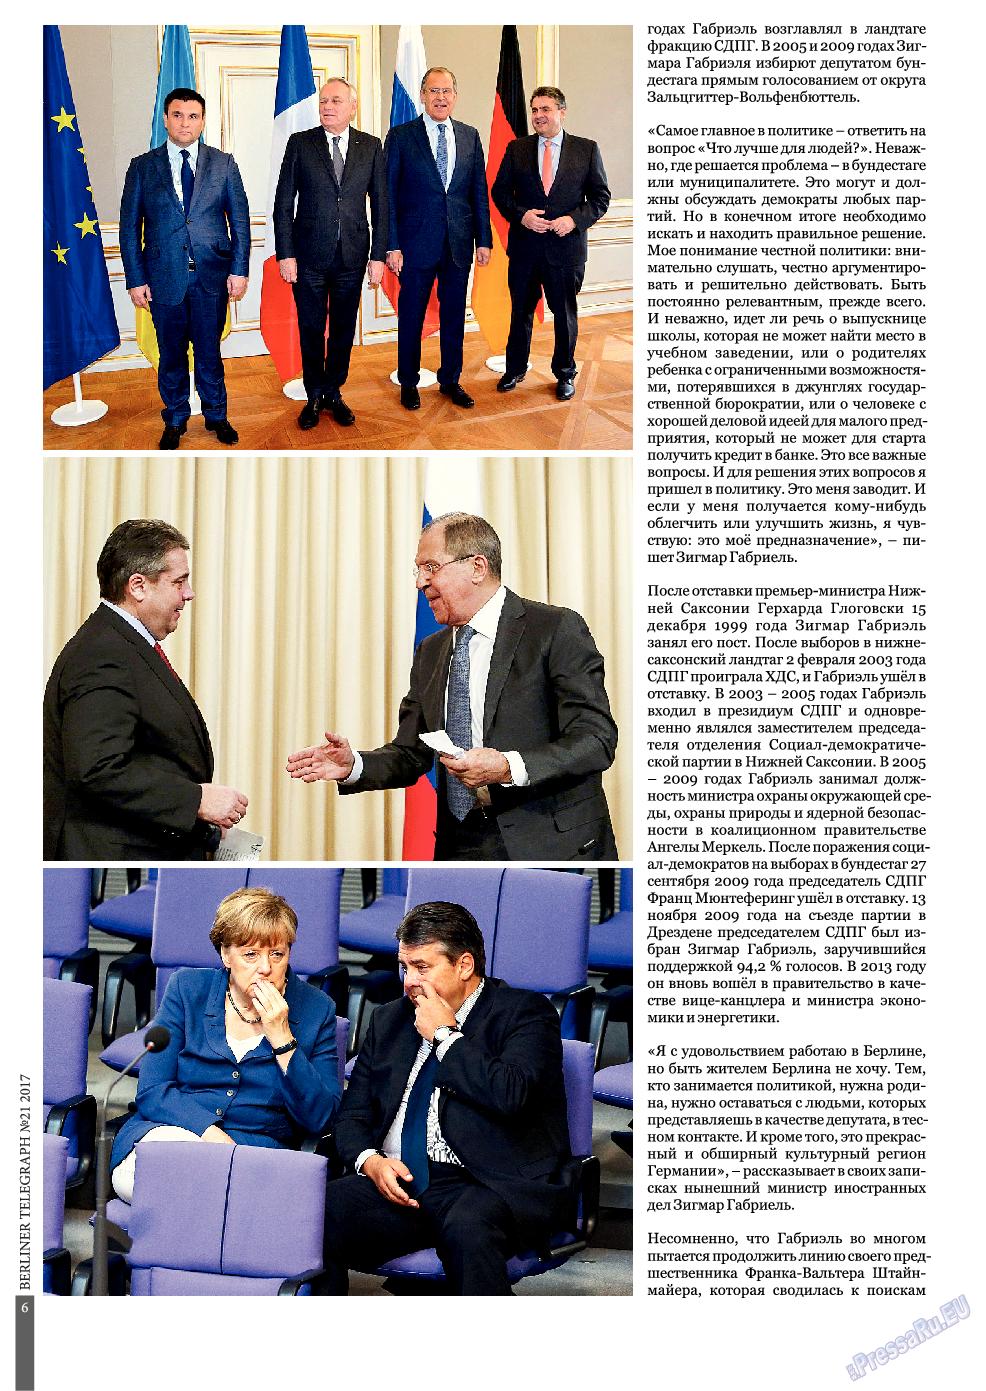 Берлинский телеграф (журнал). 2017 год, номер 21, стр. 6